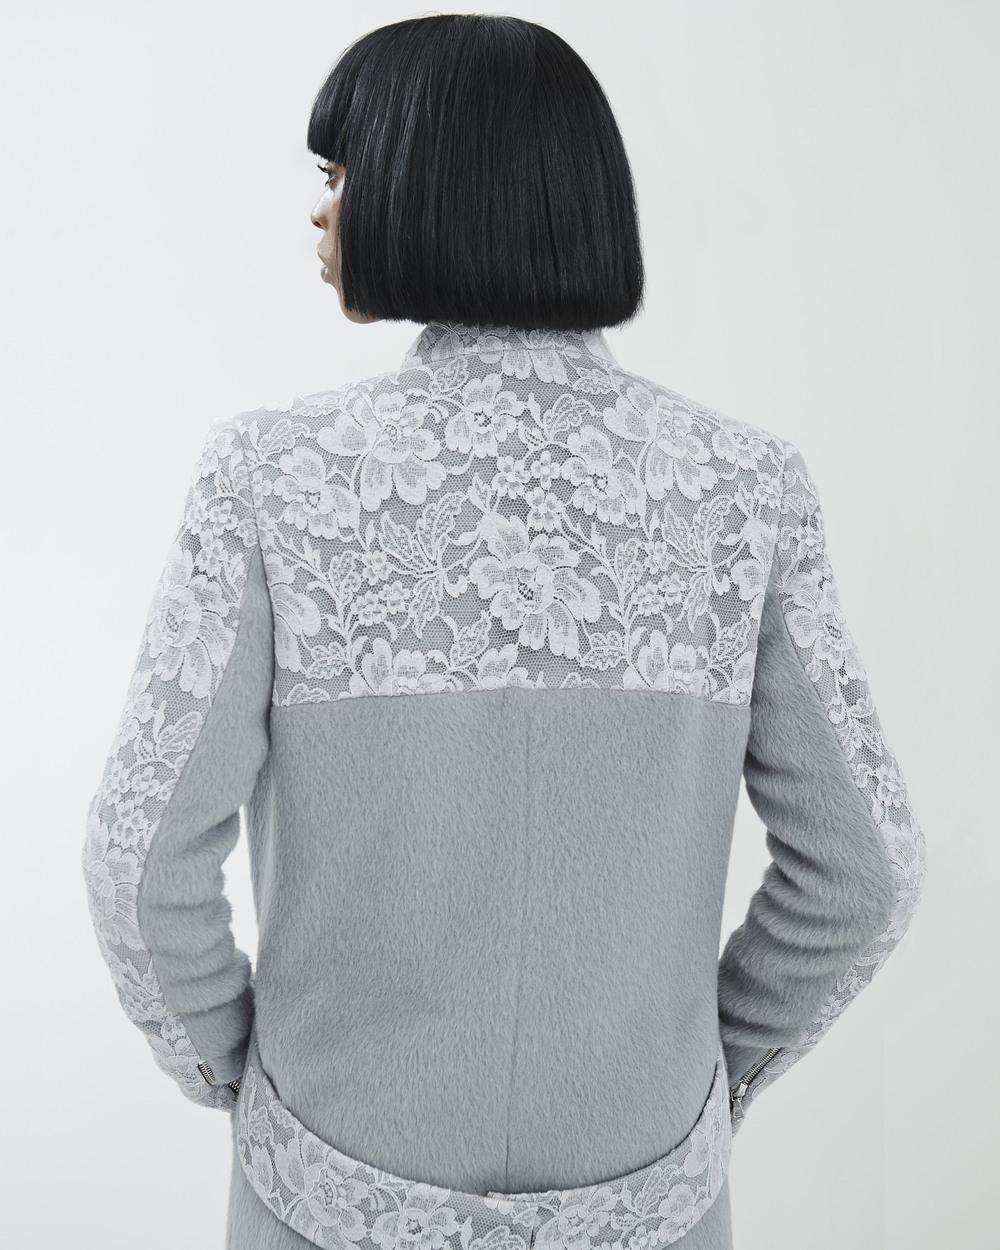 Ali Rose 2015 Look 2 'Meredith' Jacket